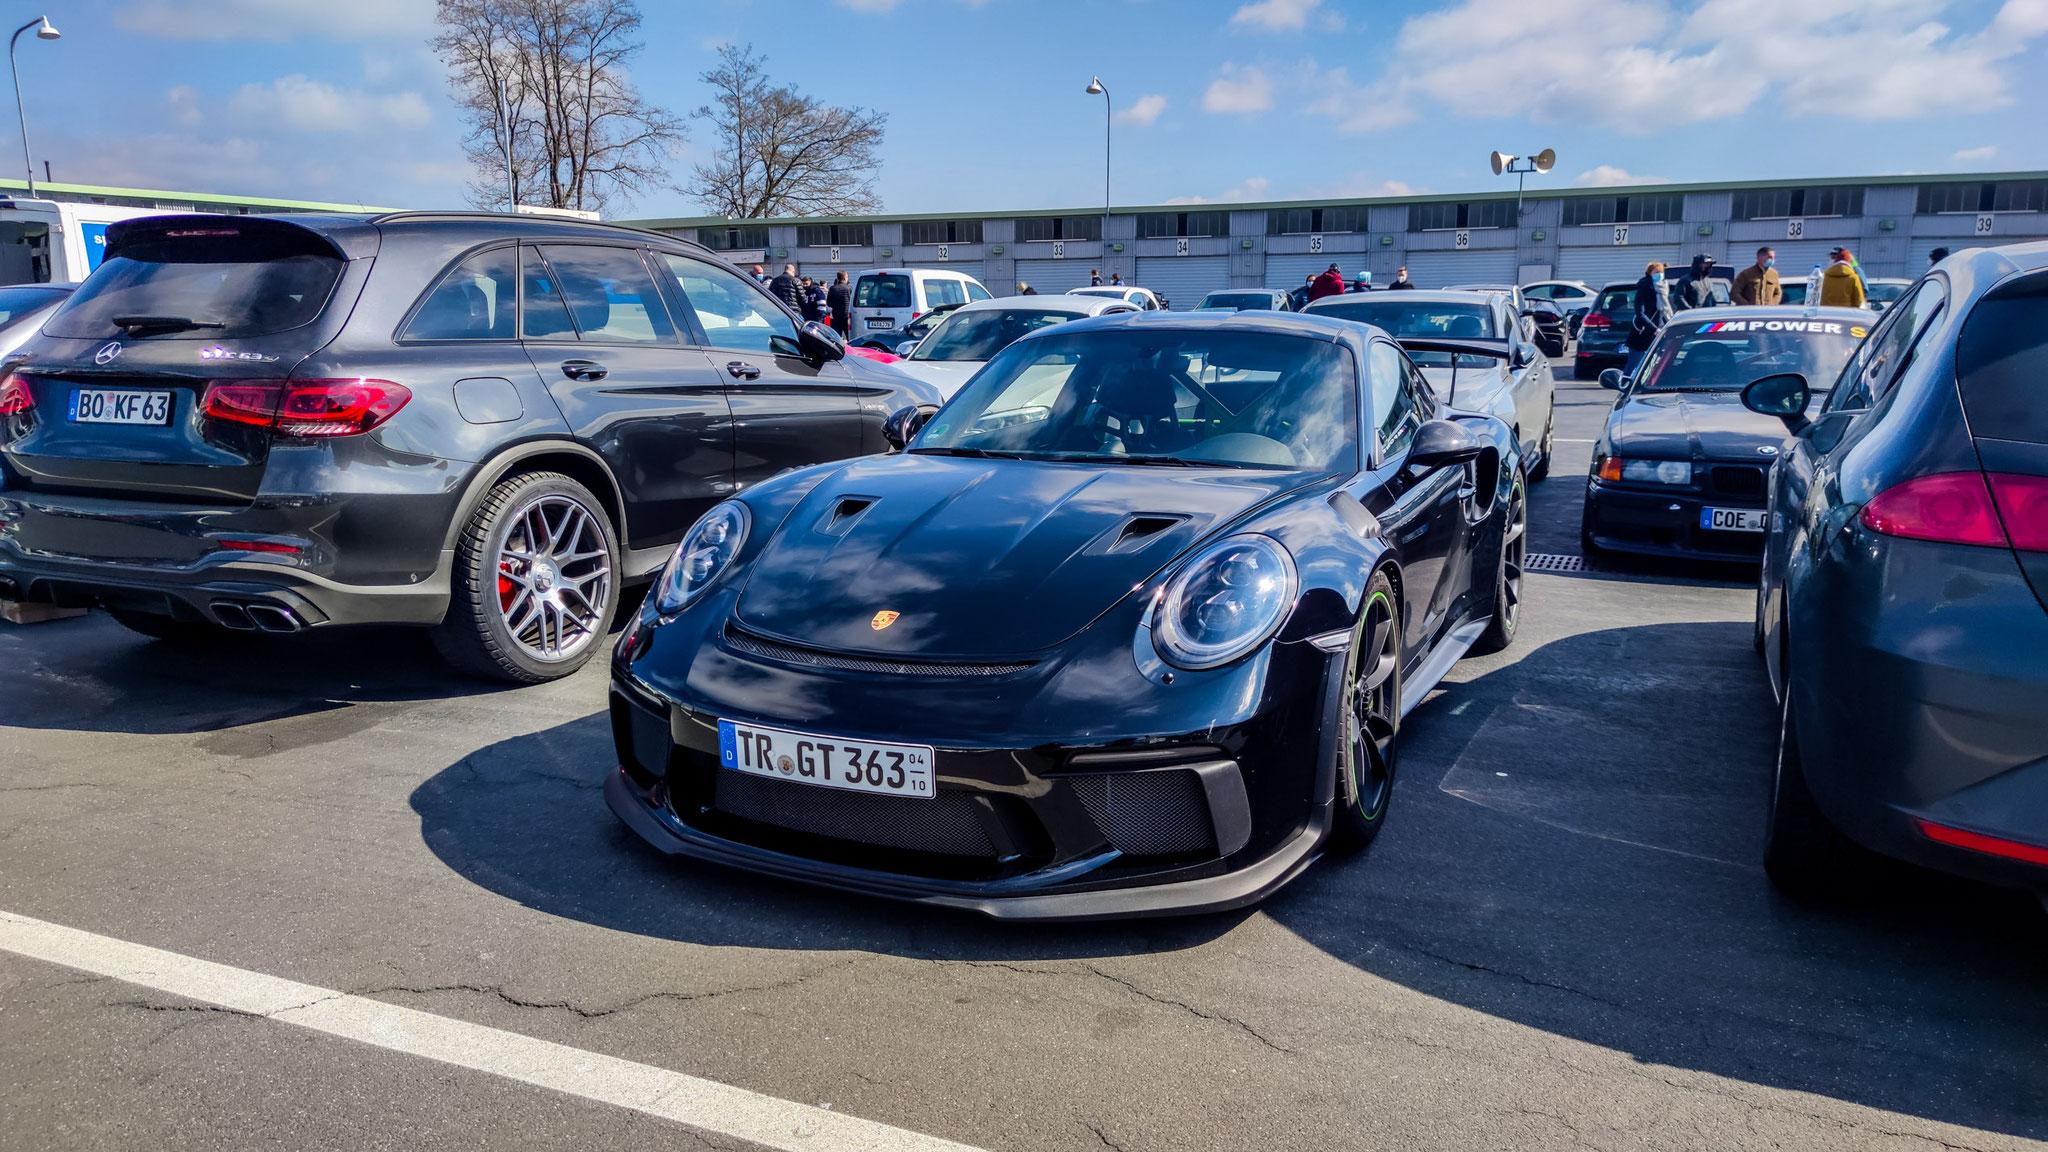 Porsche 911 991.2 GT3 RS - TR-GT-363